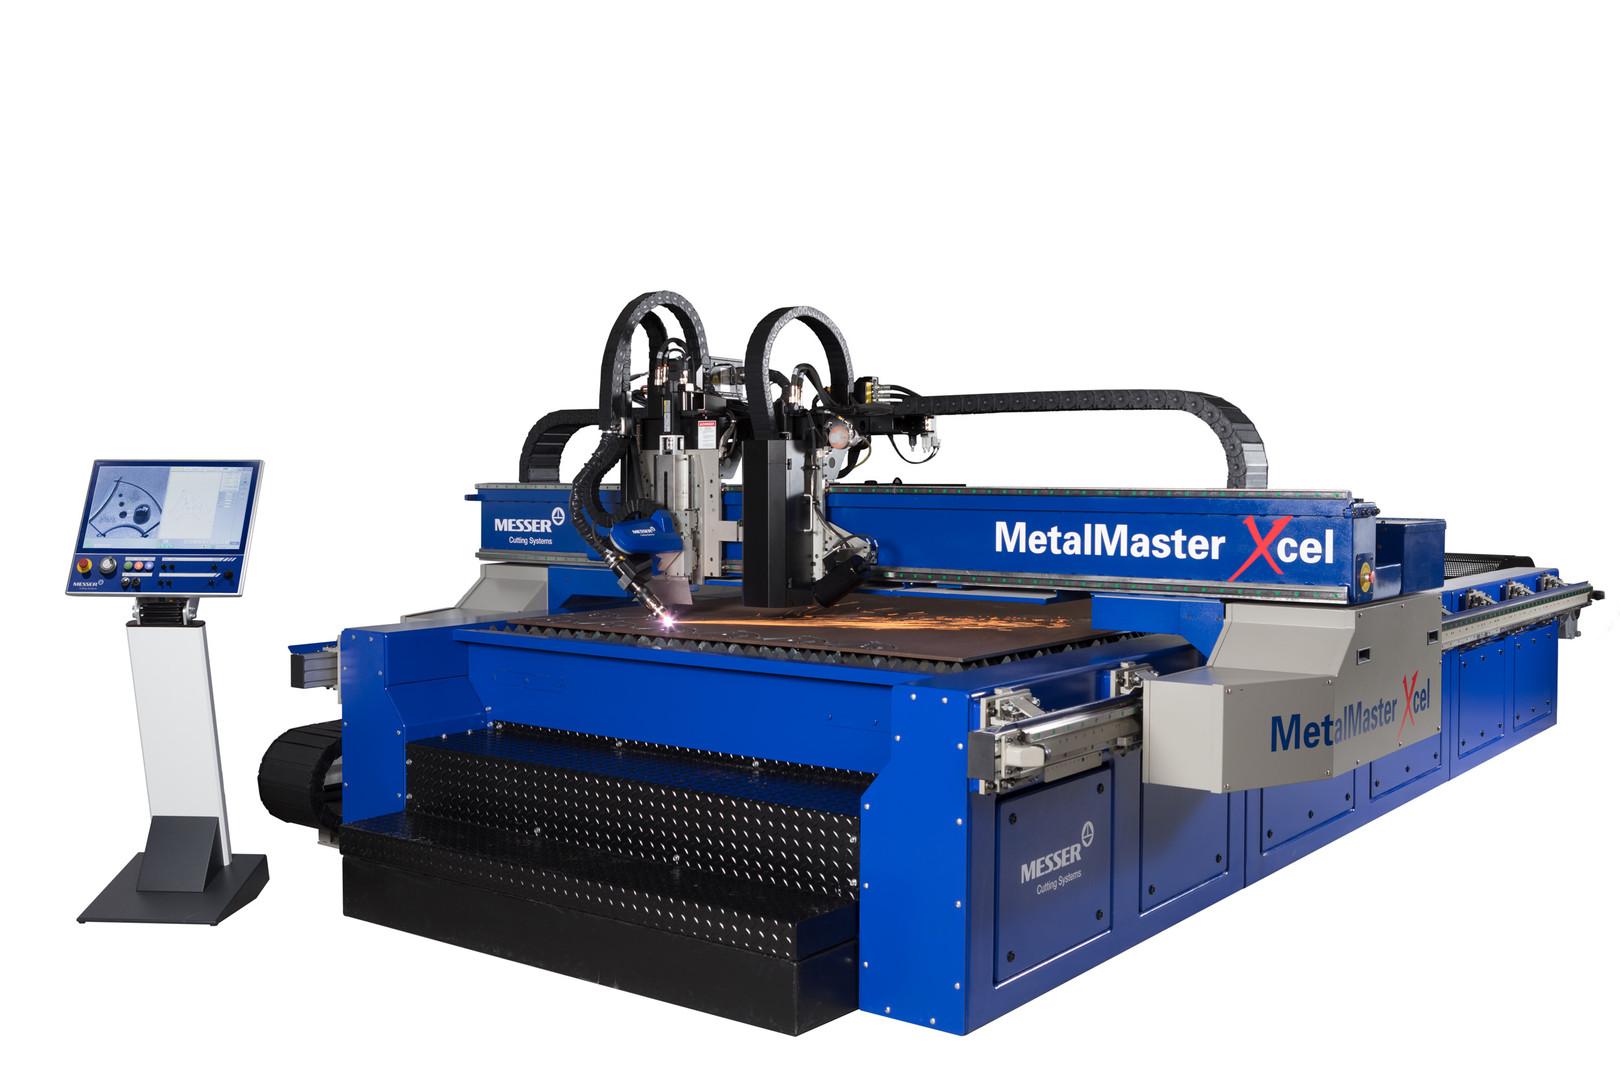 MetalMaster Xcel